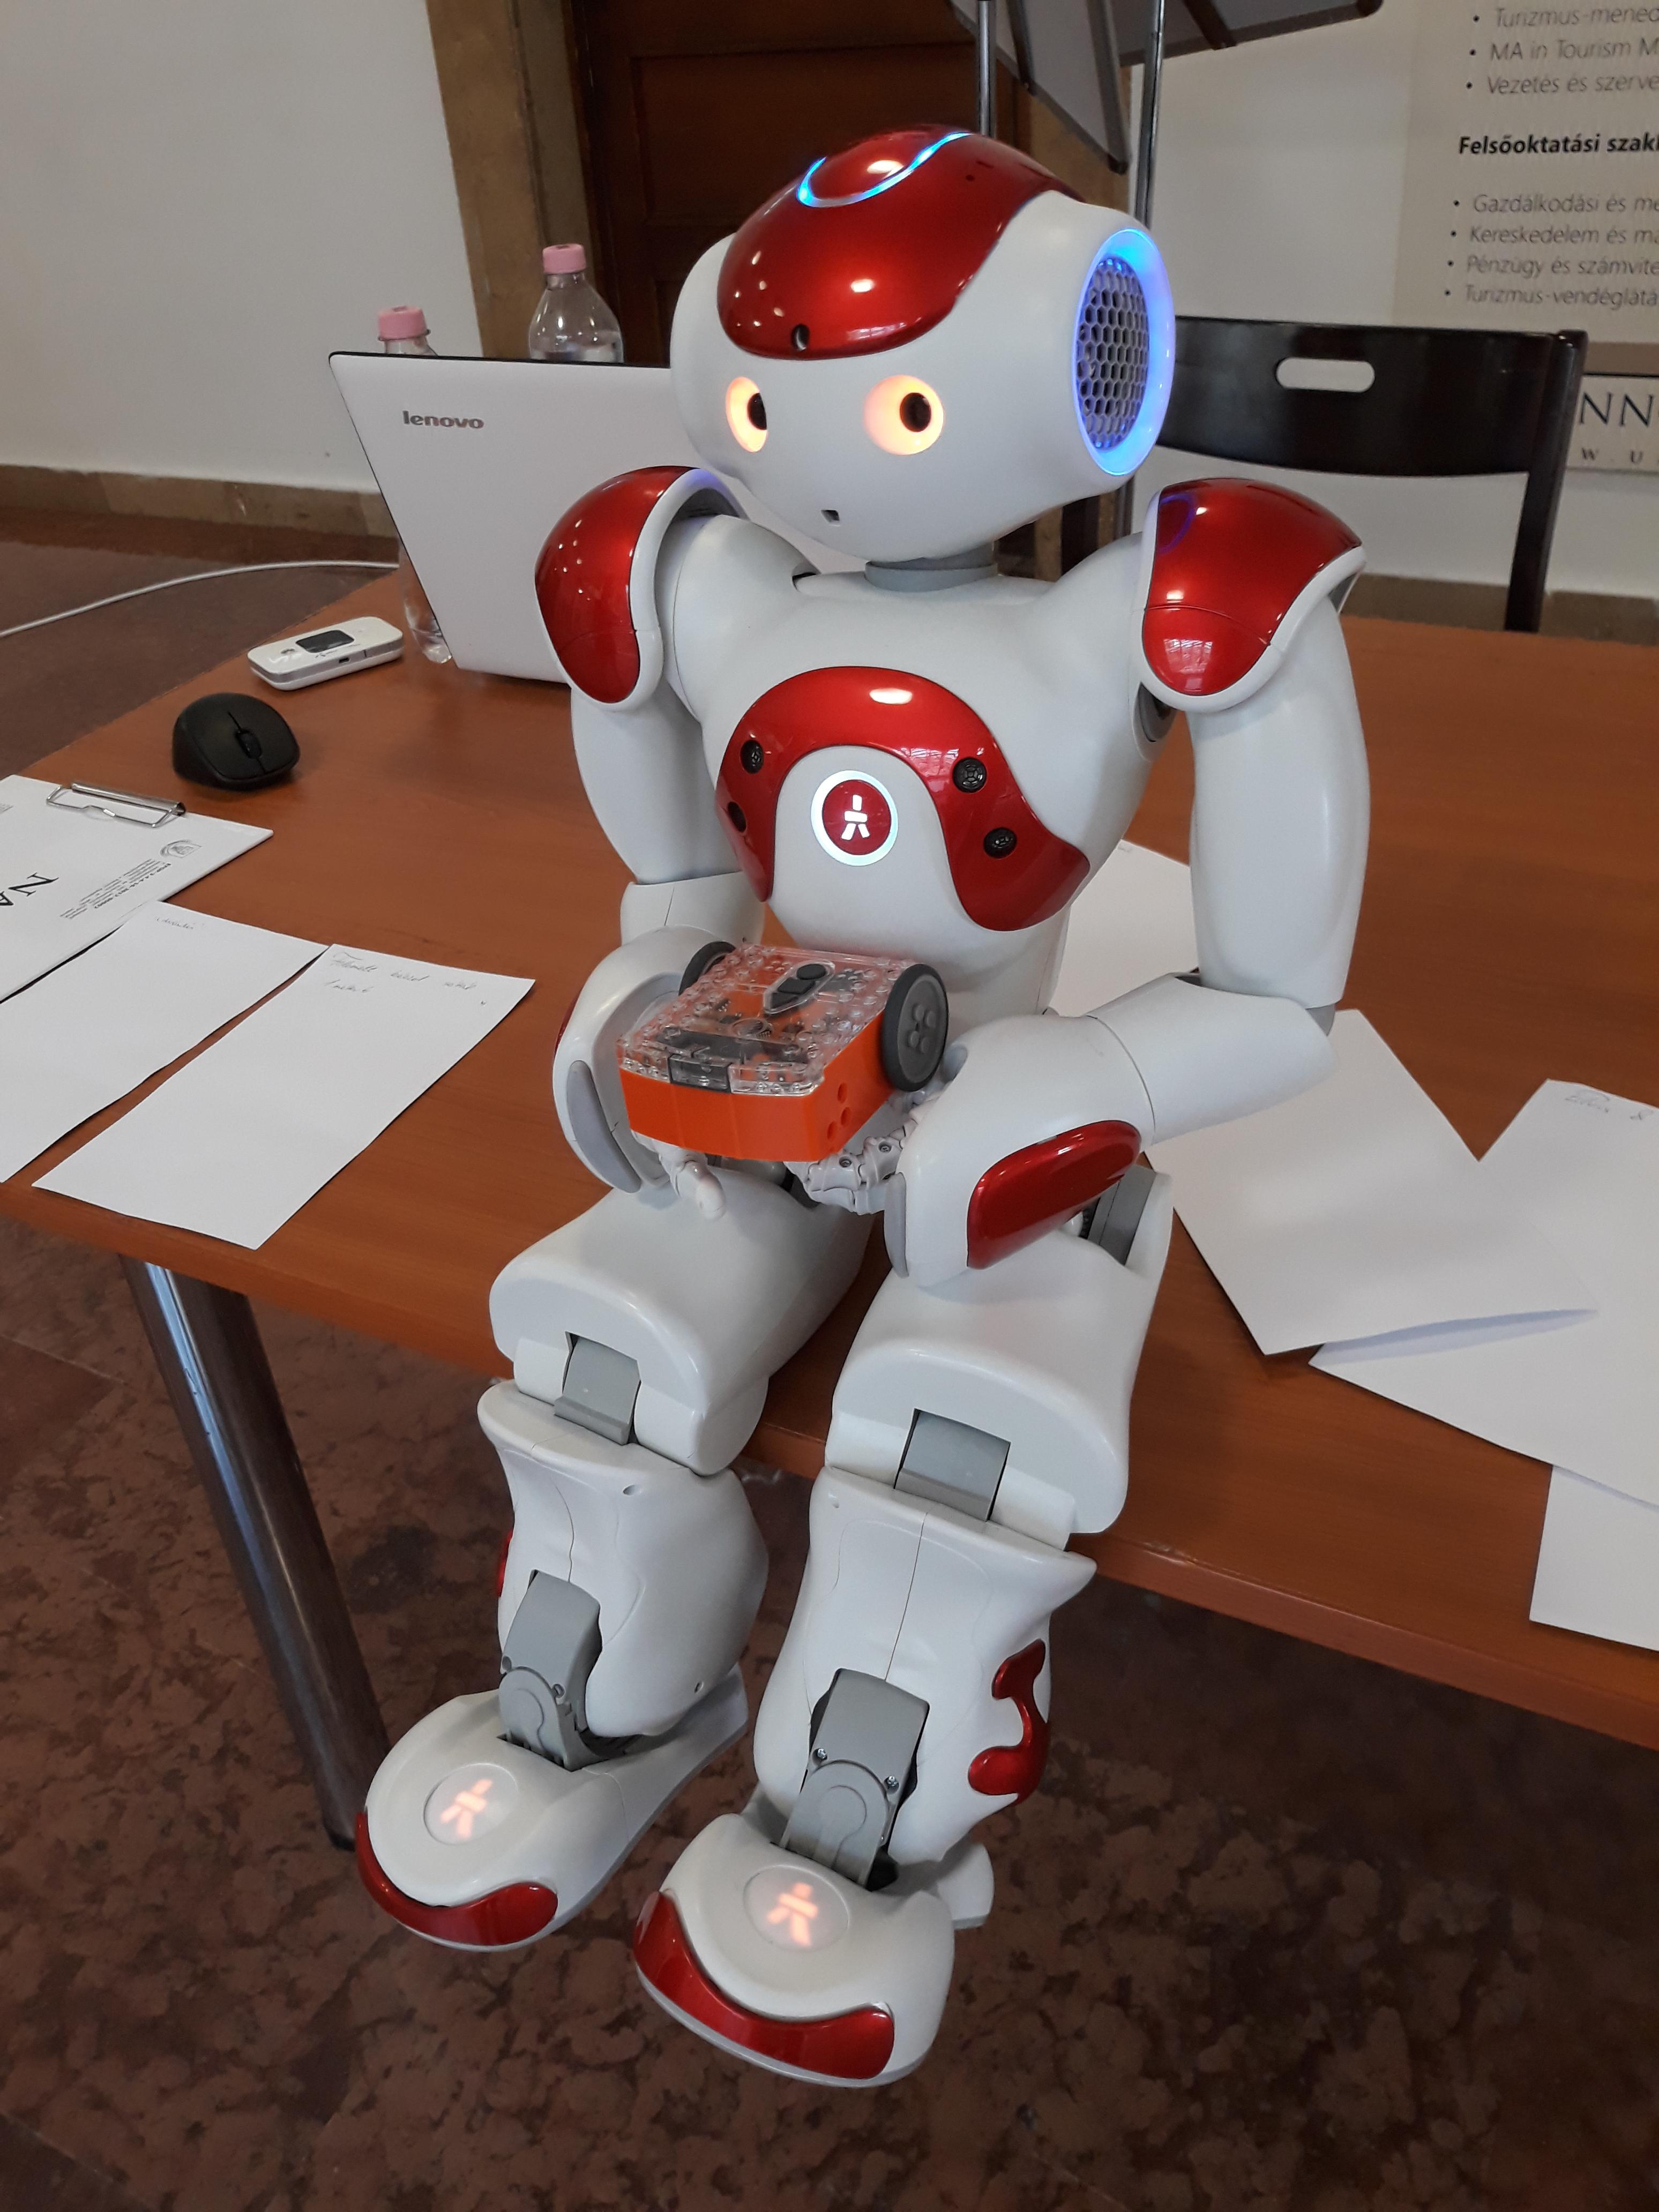 robot ideghálózatok kereskedelme pénzt keresni online üzenetet